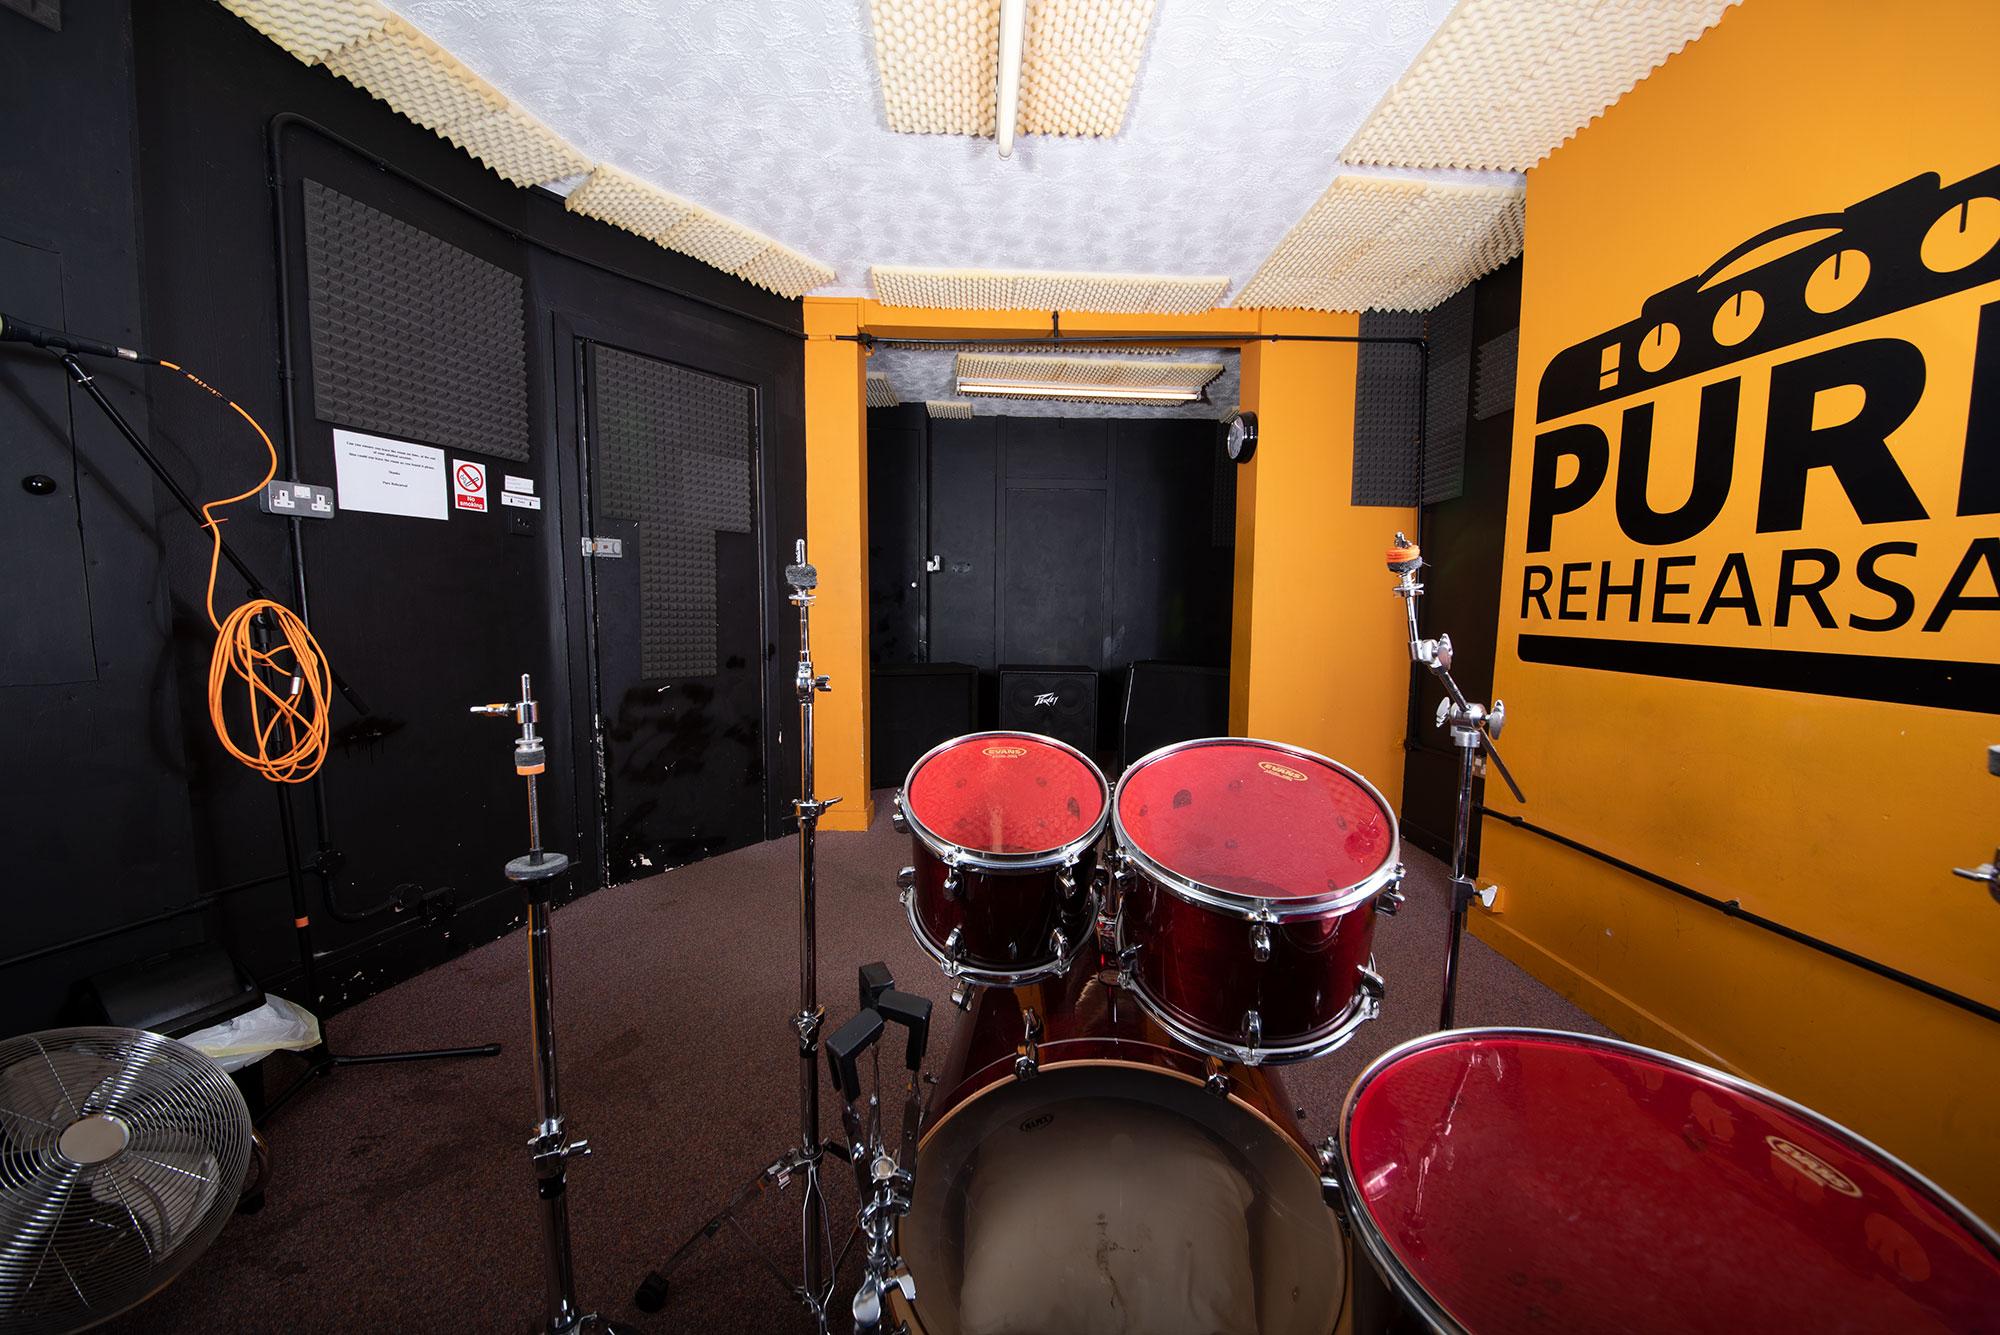 Pure Rehearsal Southampton Room 2